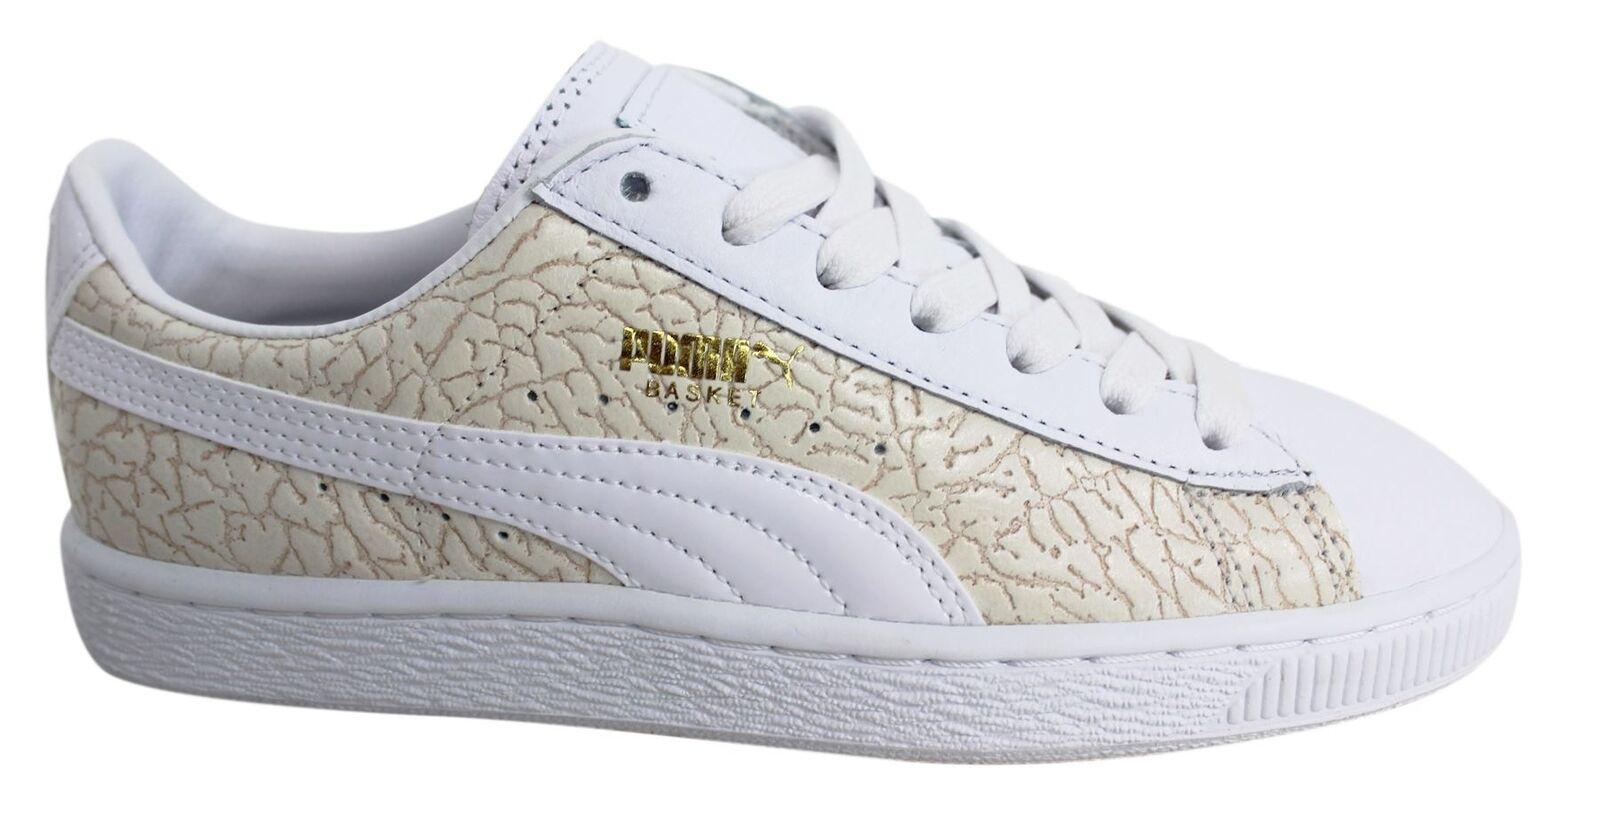 Puma Basket weißes Leder Krokodil SCHNÜRER HERREN TURNSCHUHE 358872 01 M14